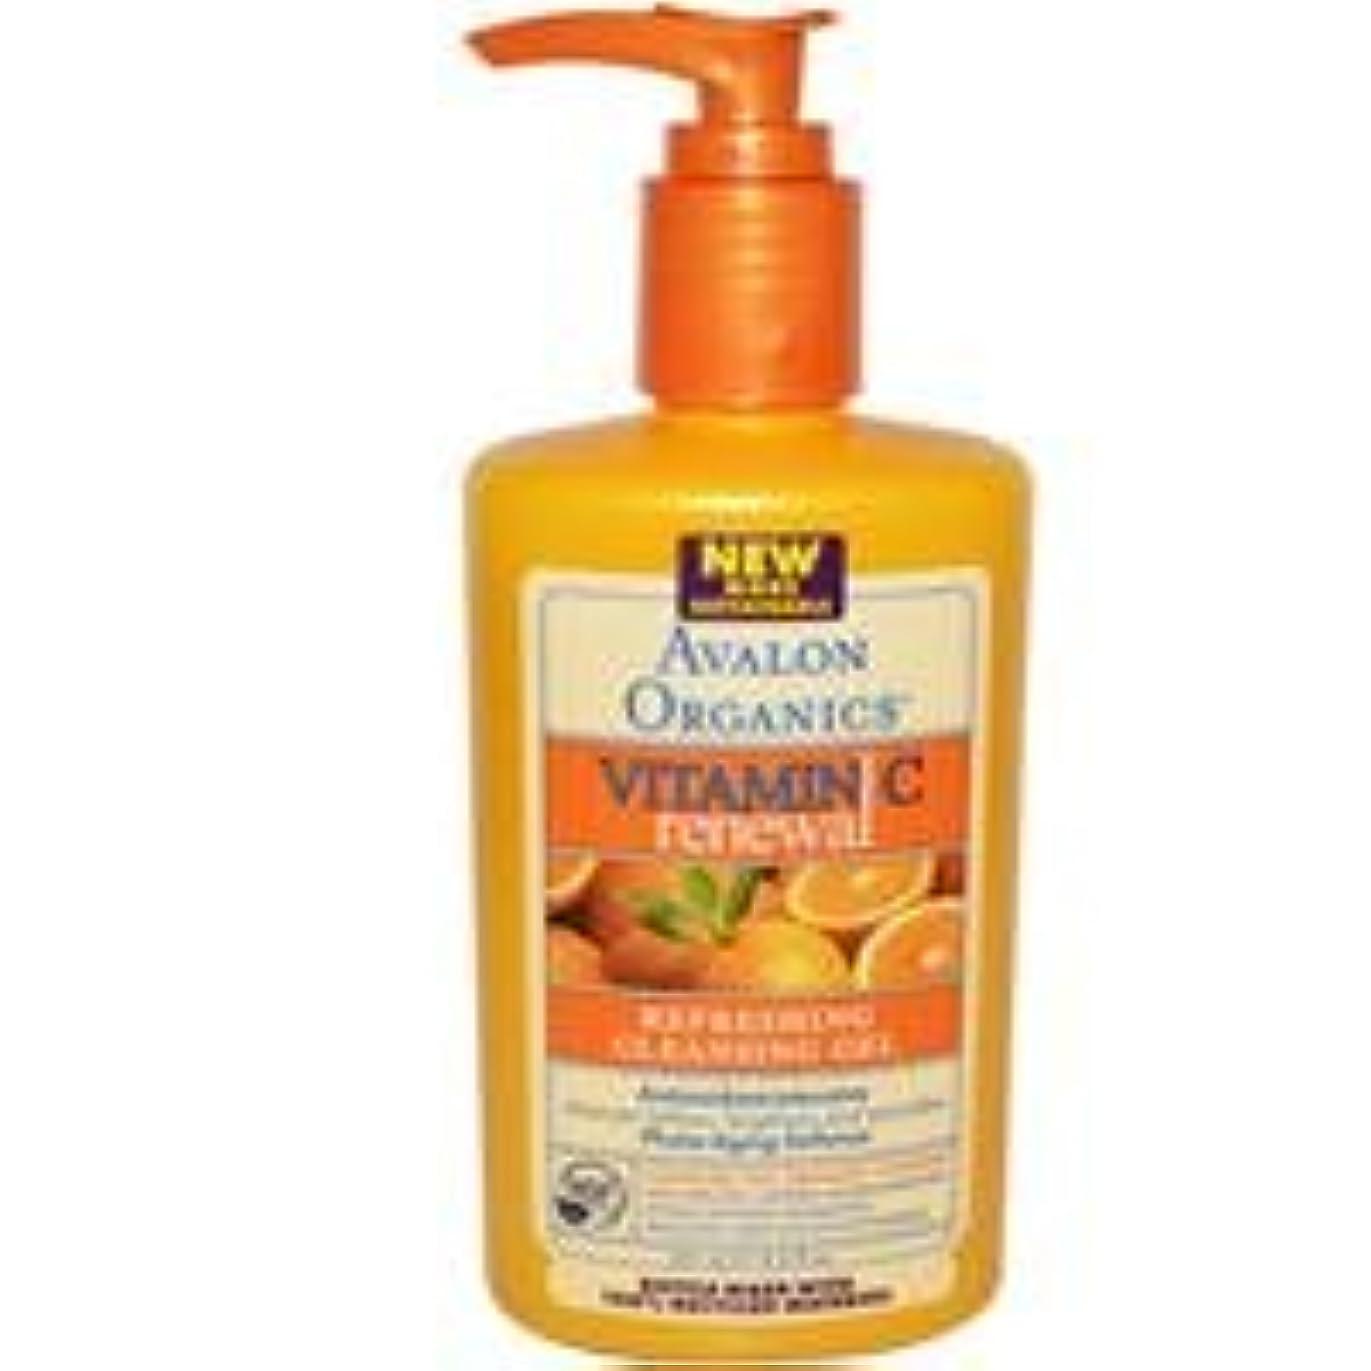 安全実験的効能[海外直送品] アバロンオーガニック(Avalon Organics)    ビタミンC クレンジング ジェル 251ml